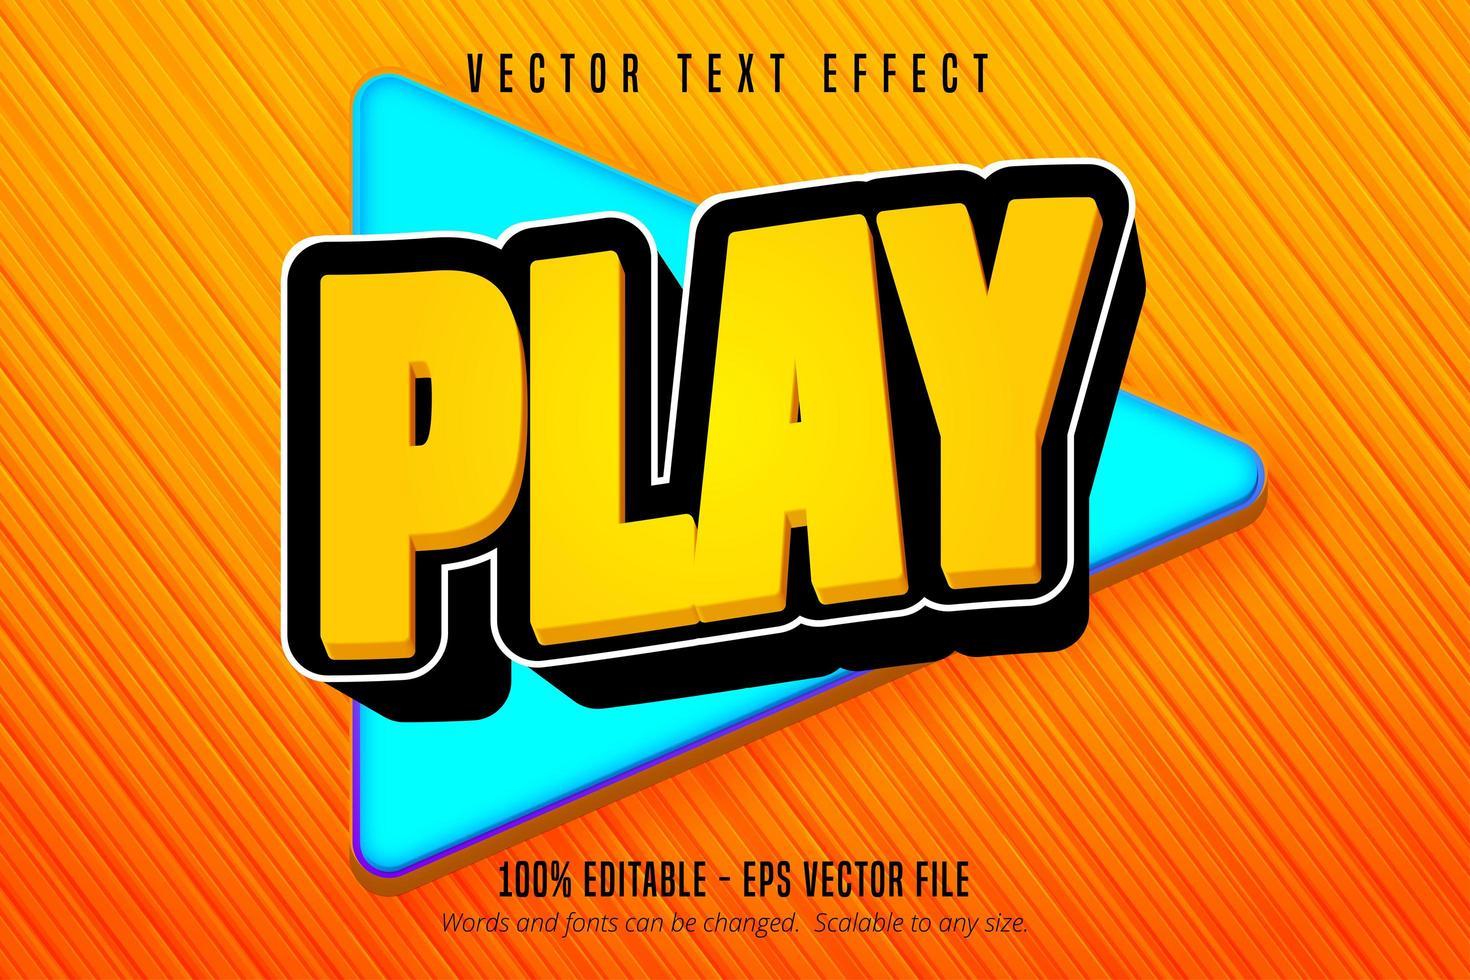 speel tekst, bewerkbaar teksteffect in cartoon-spelstijl vector